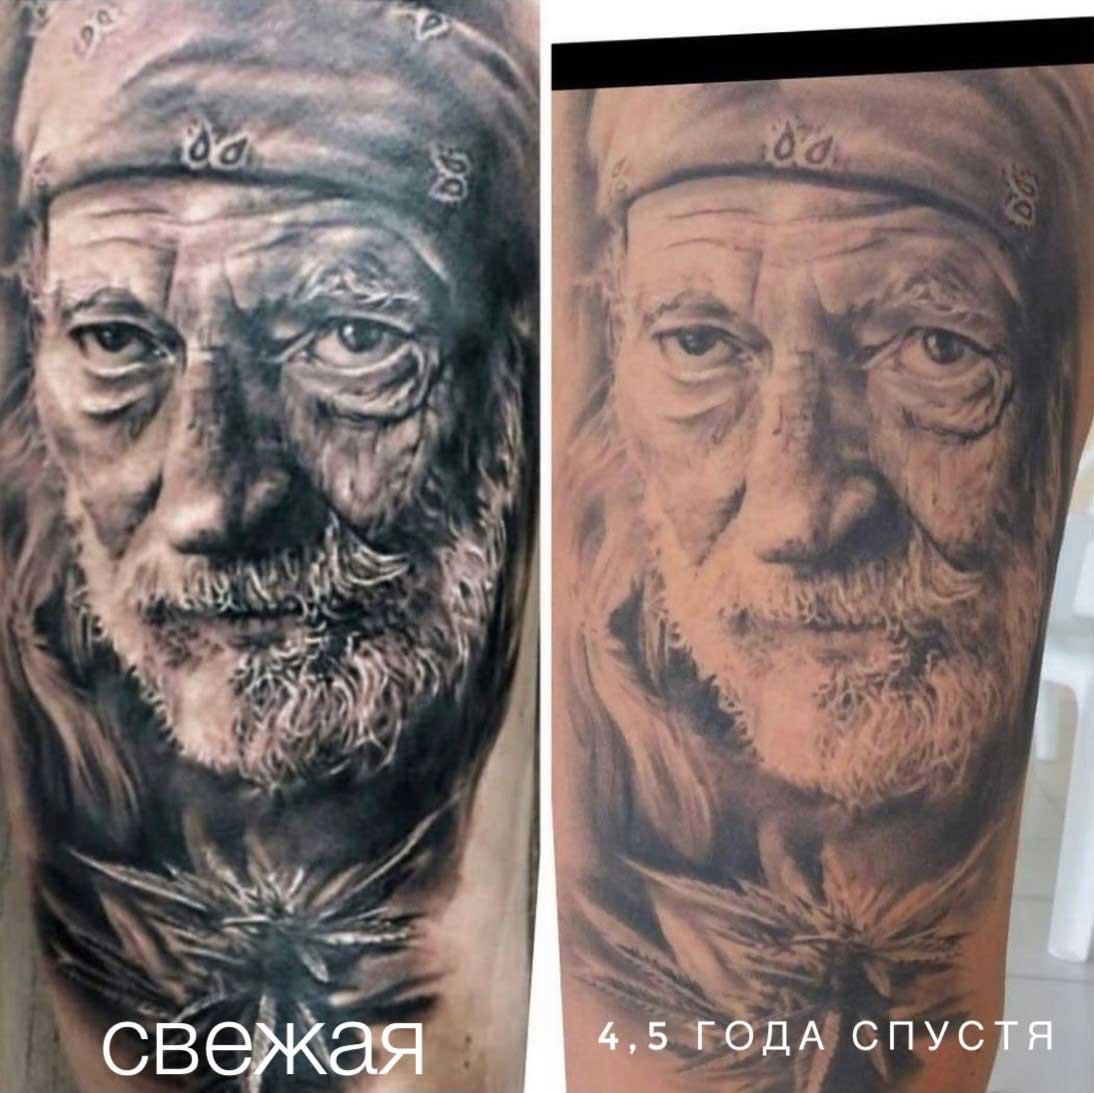 Как выглядят татуировки через время в стиле реализм 3